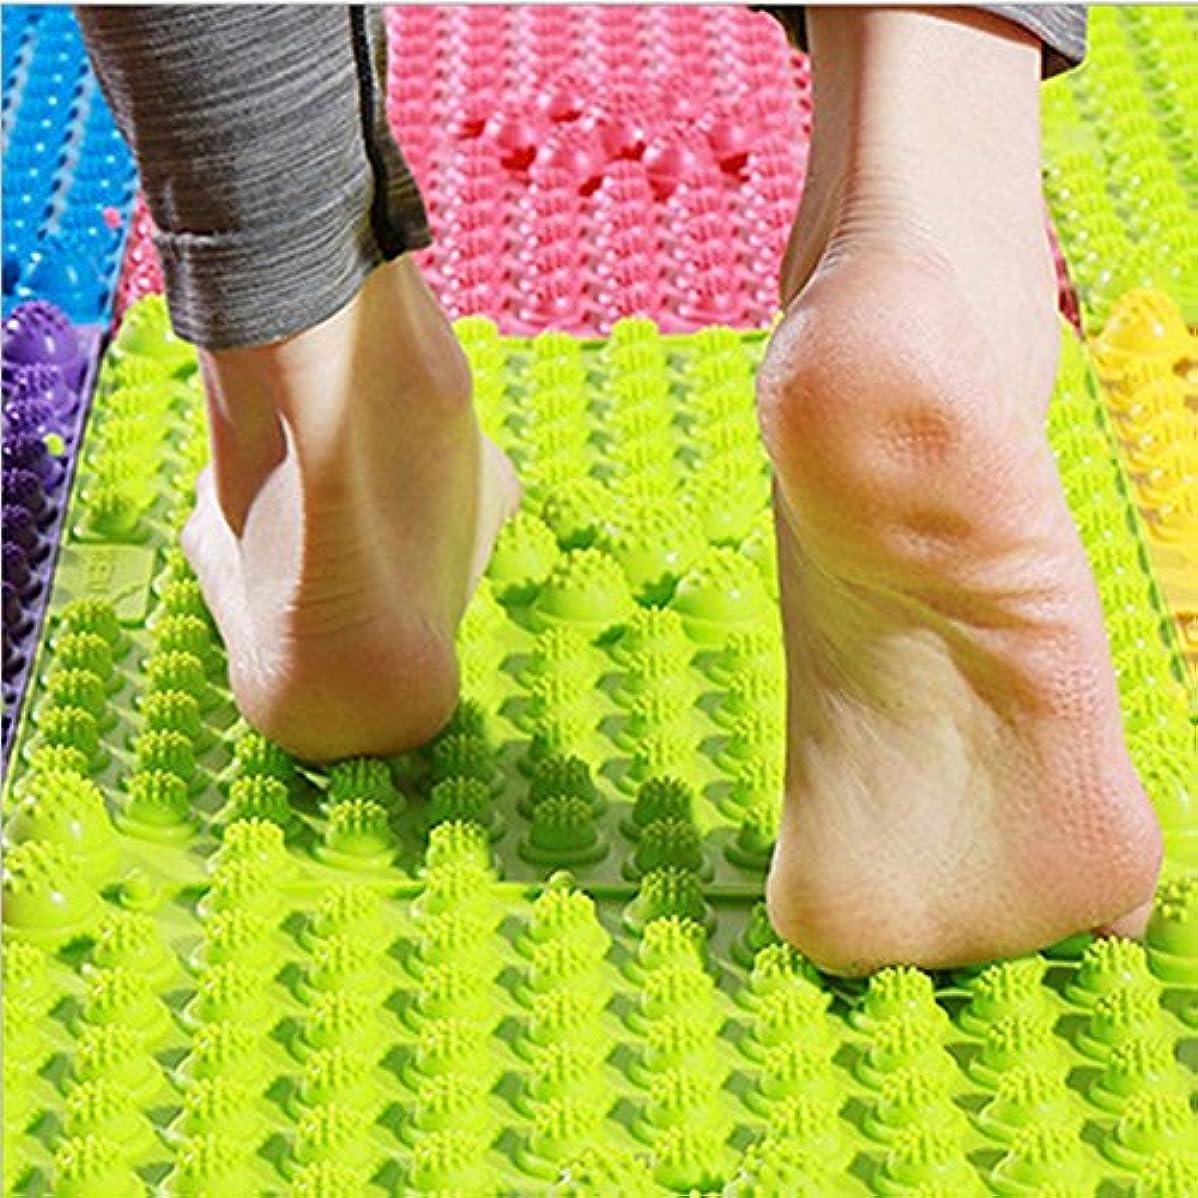 効果オゾン役立つ2 PCS足マッサージマット、鍼治療指圧循環リフレクソロジー足の痛みの緩和と筋肉のリラクゼーション(ランダムカラー)のためのバスルームバスマット